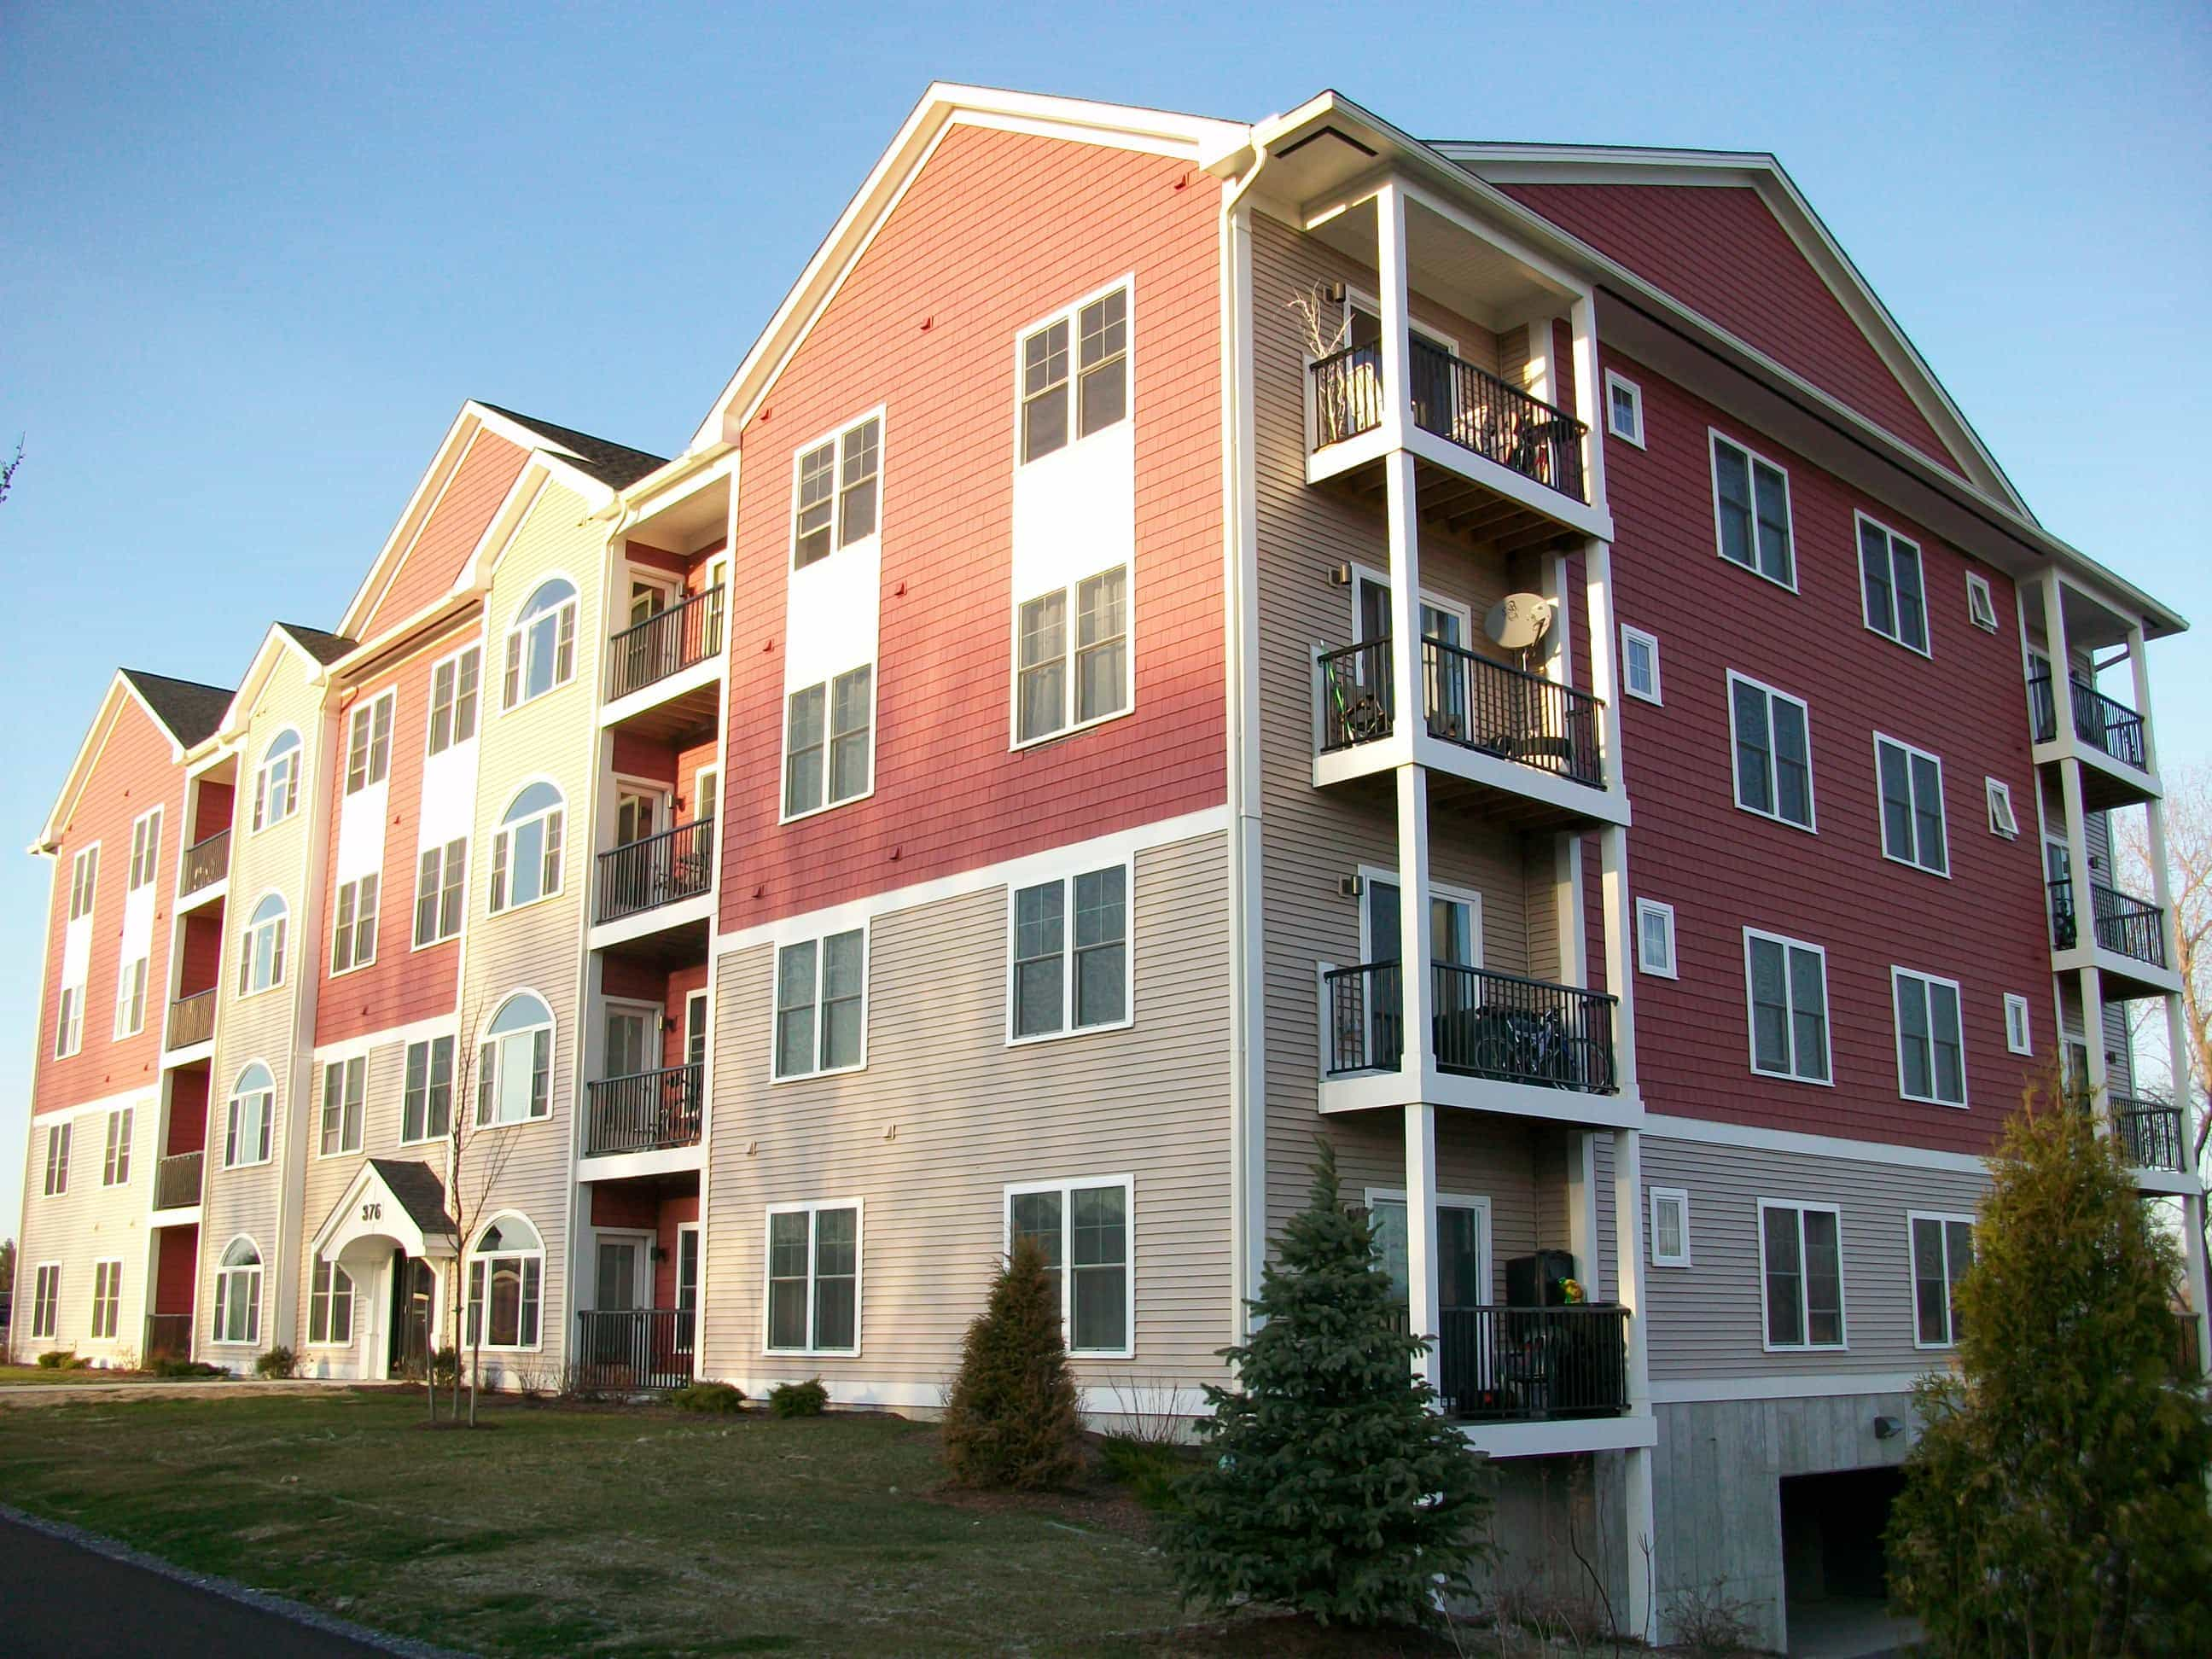 1 Bedroom Apartments Burlington Vt